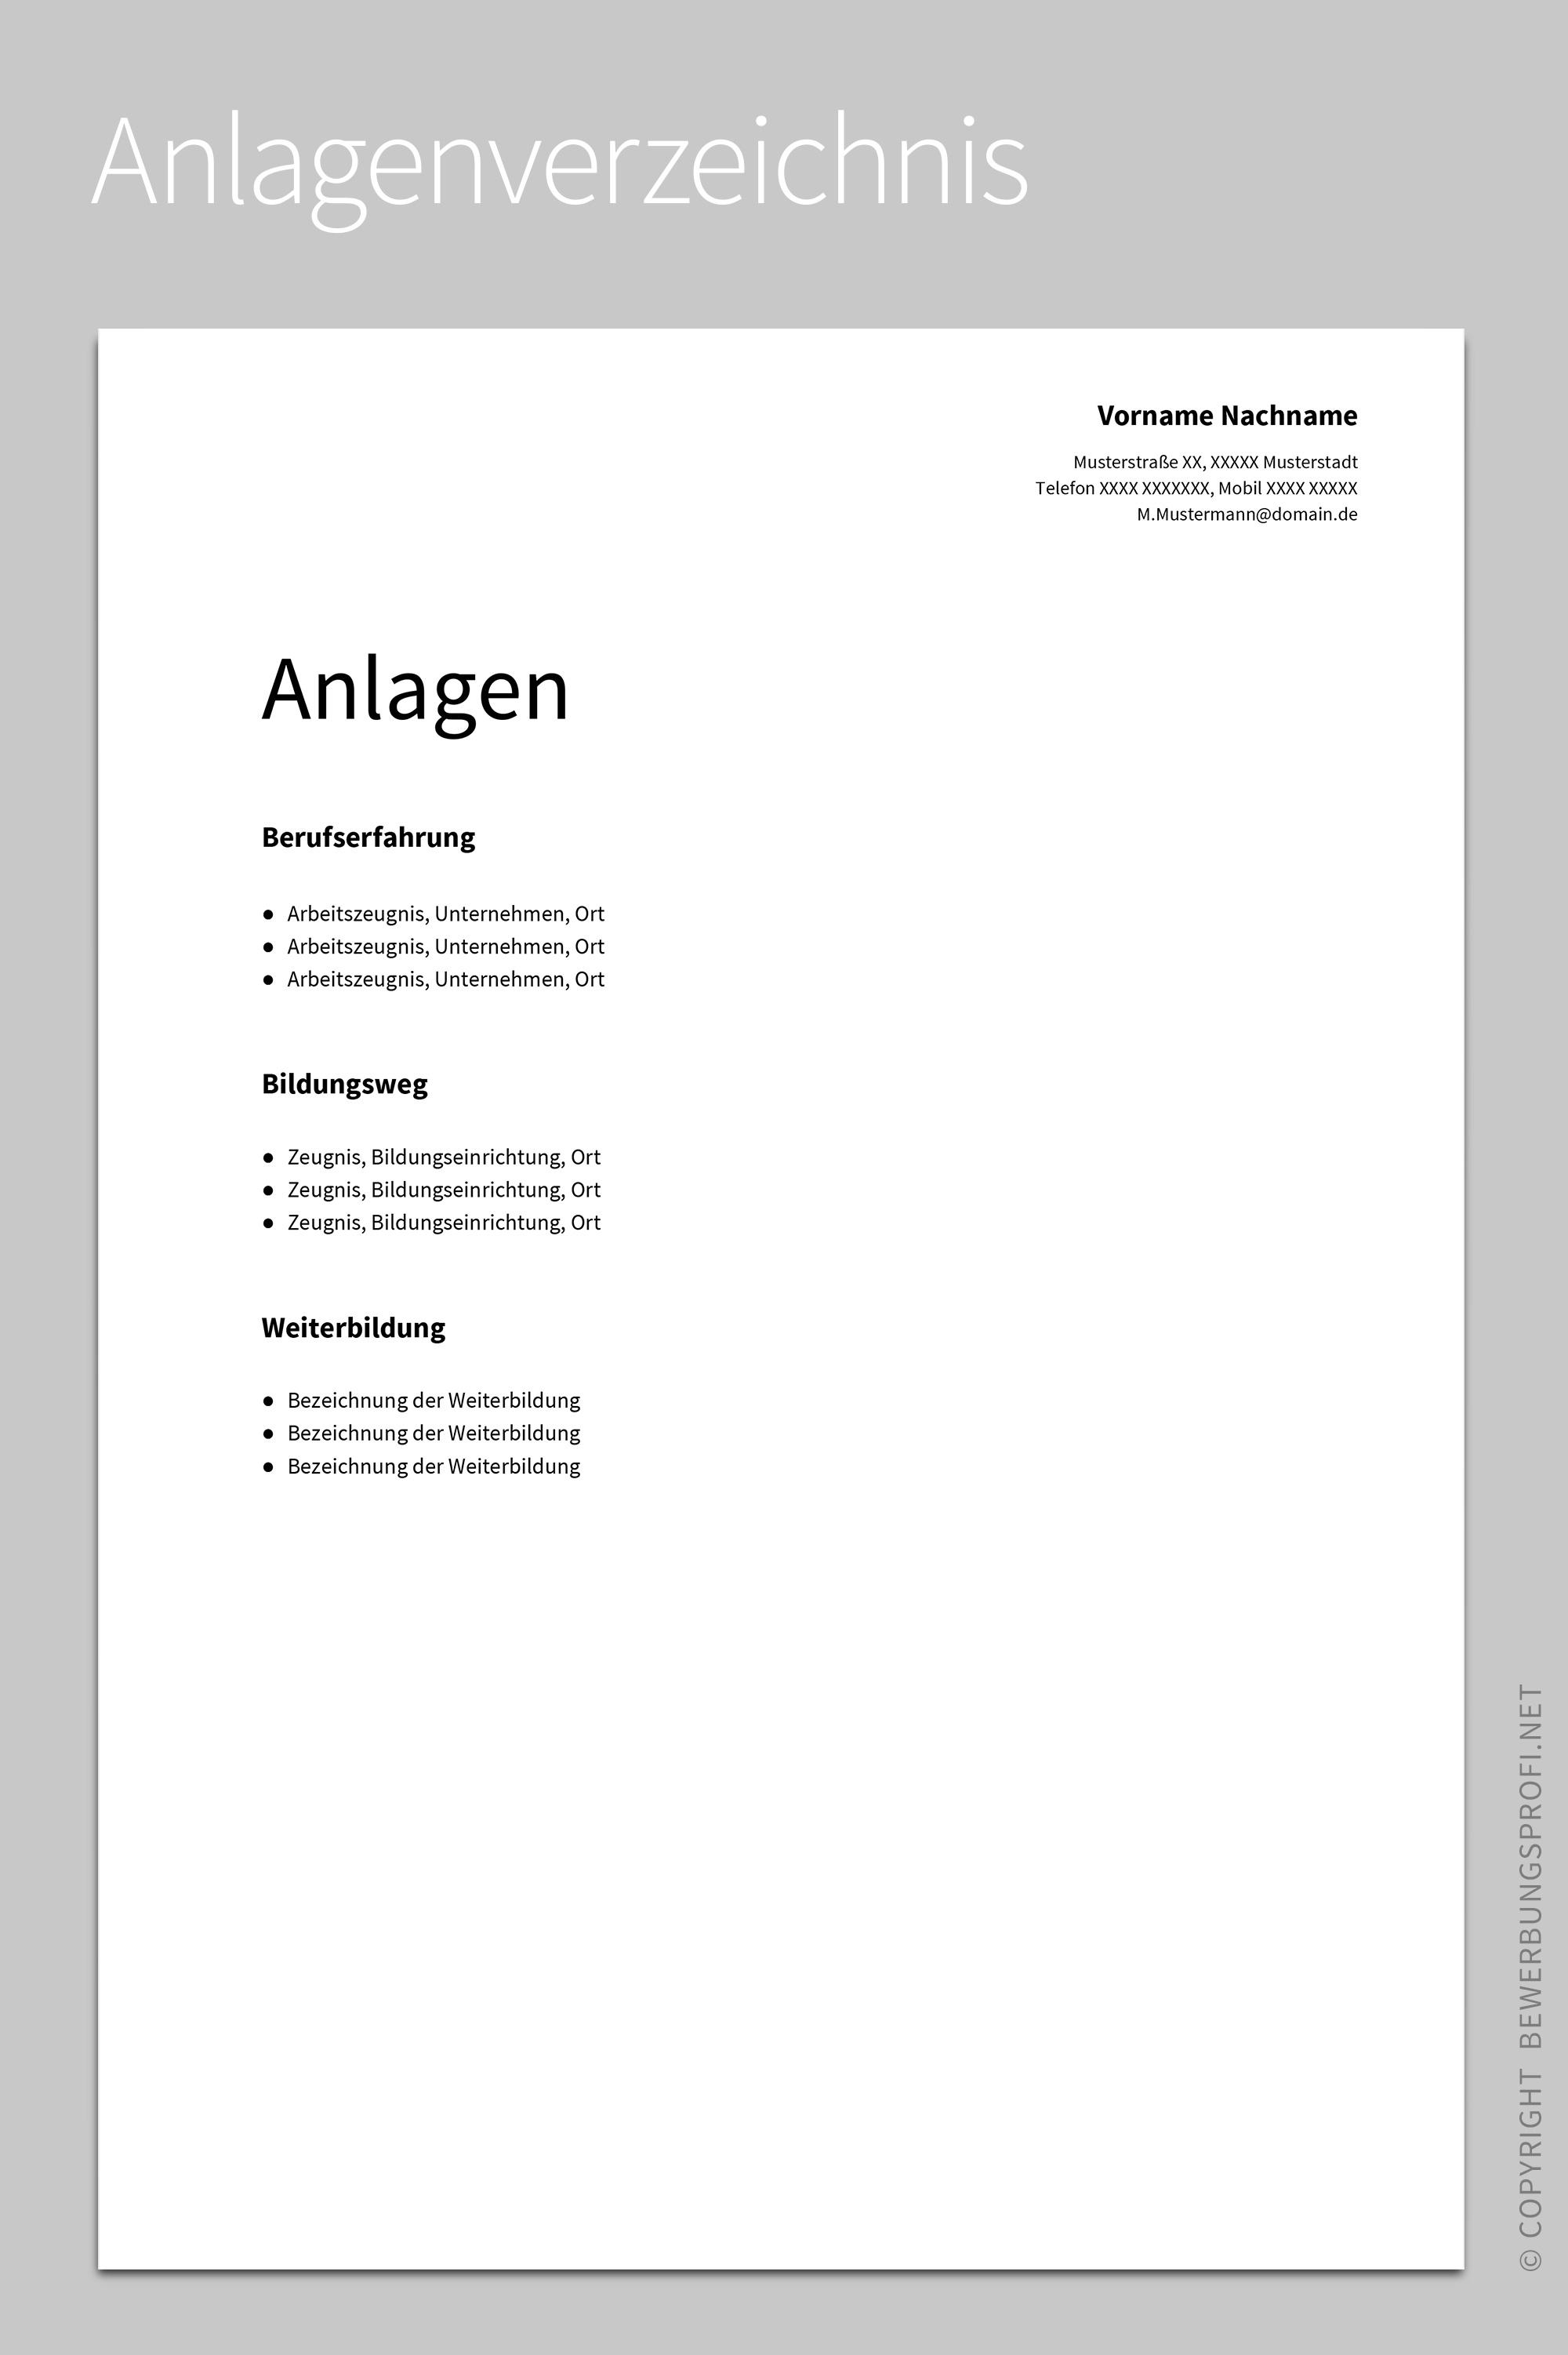 Anlagenverzeichnis Albus